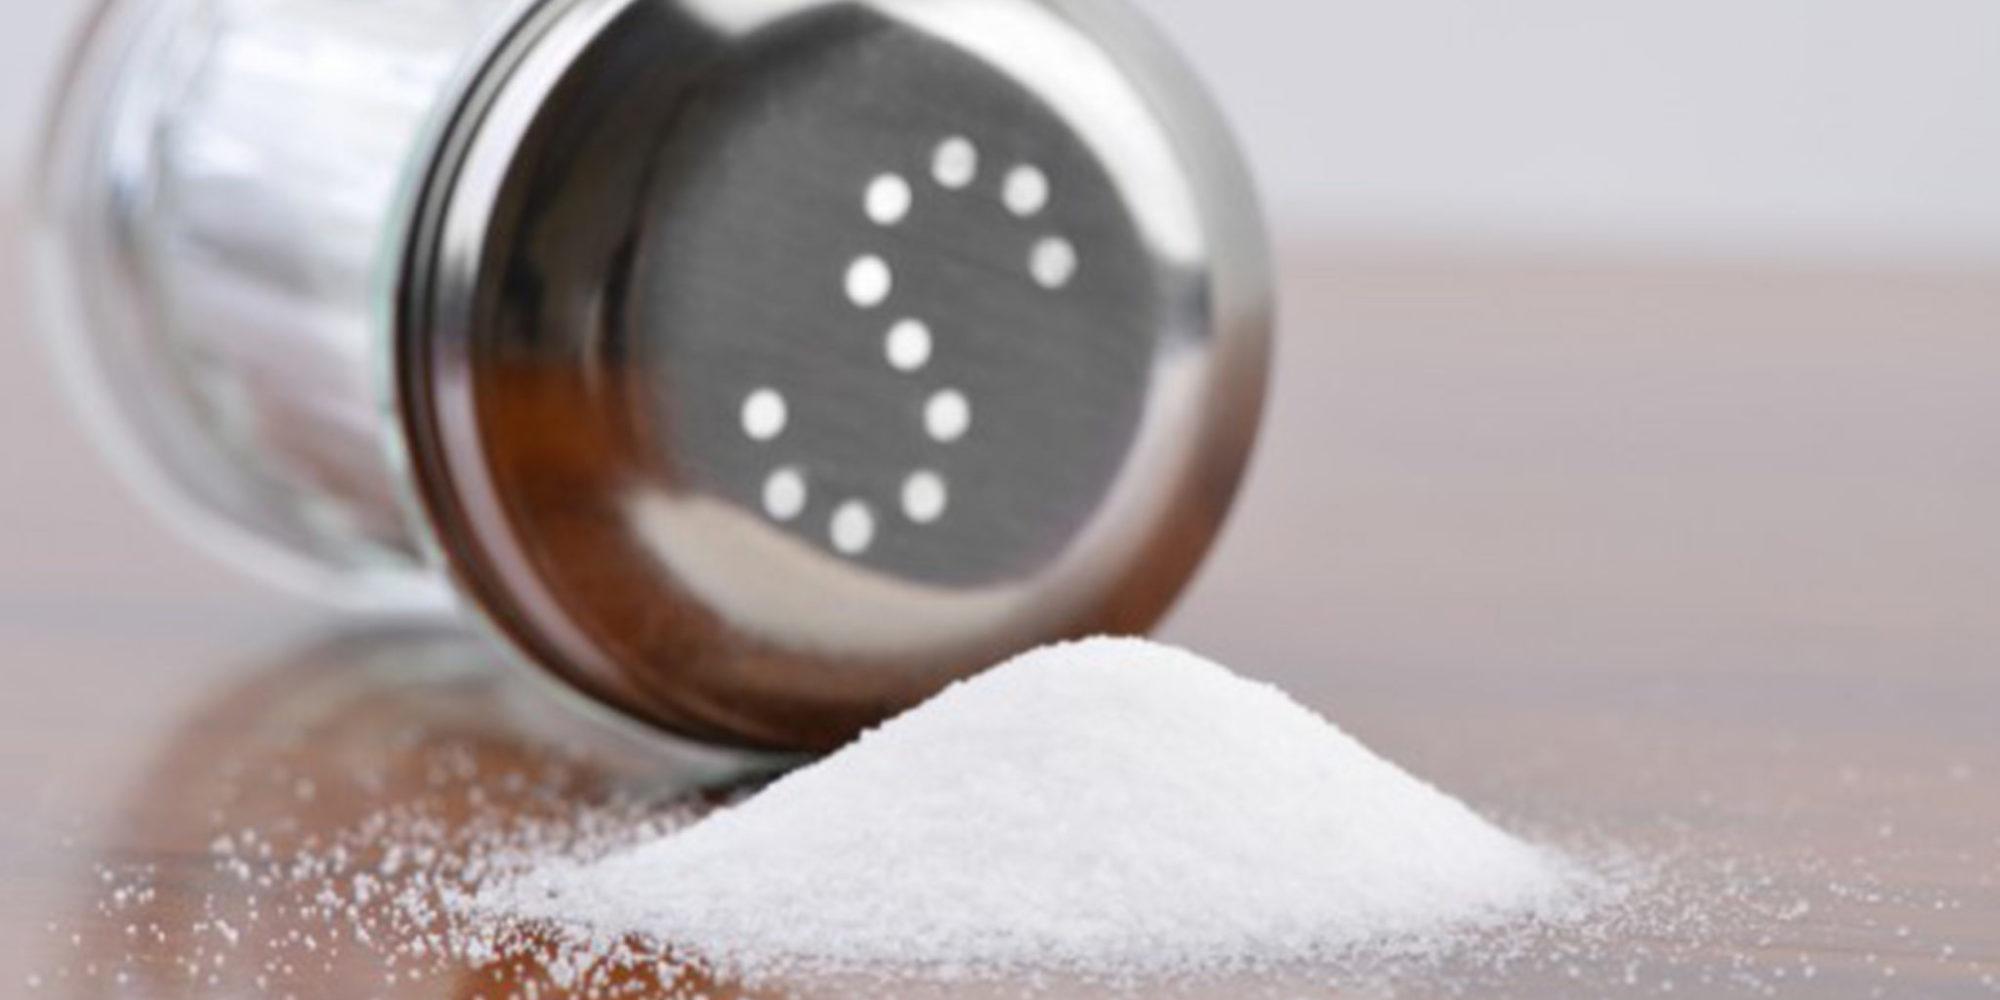 До появления холодильников соль была, как бы мы сейчас казали, стратегически важным товаром